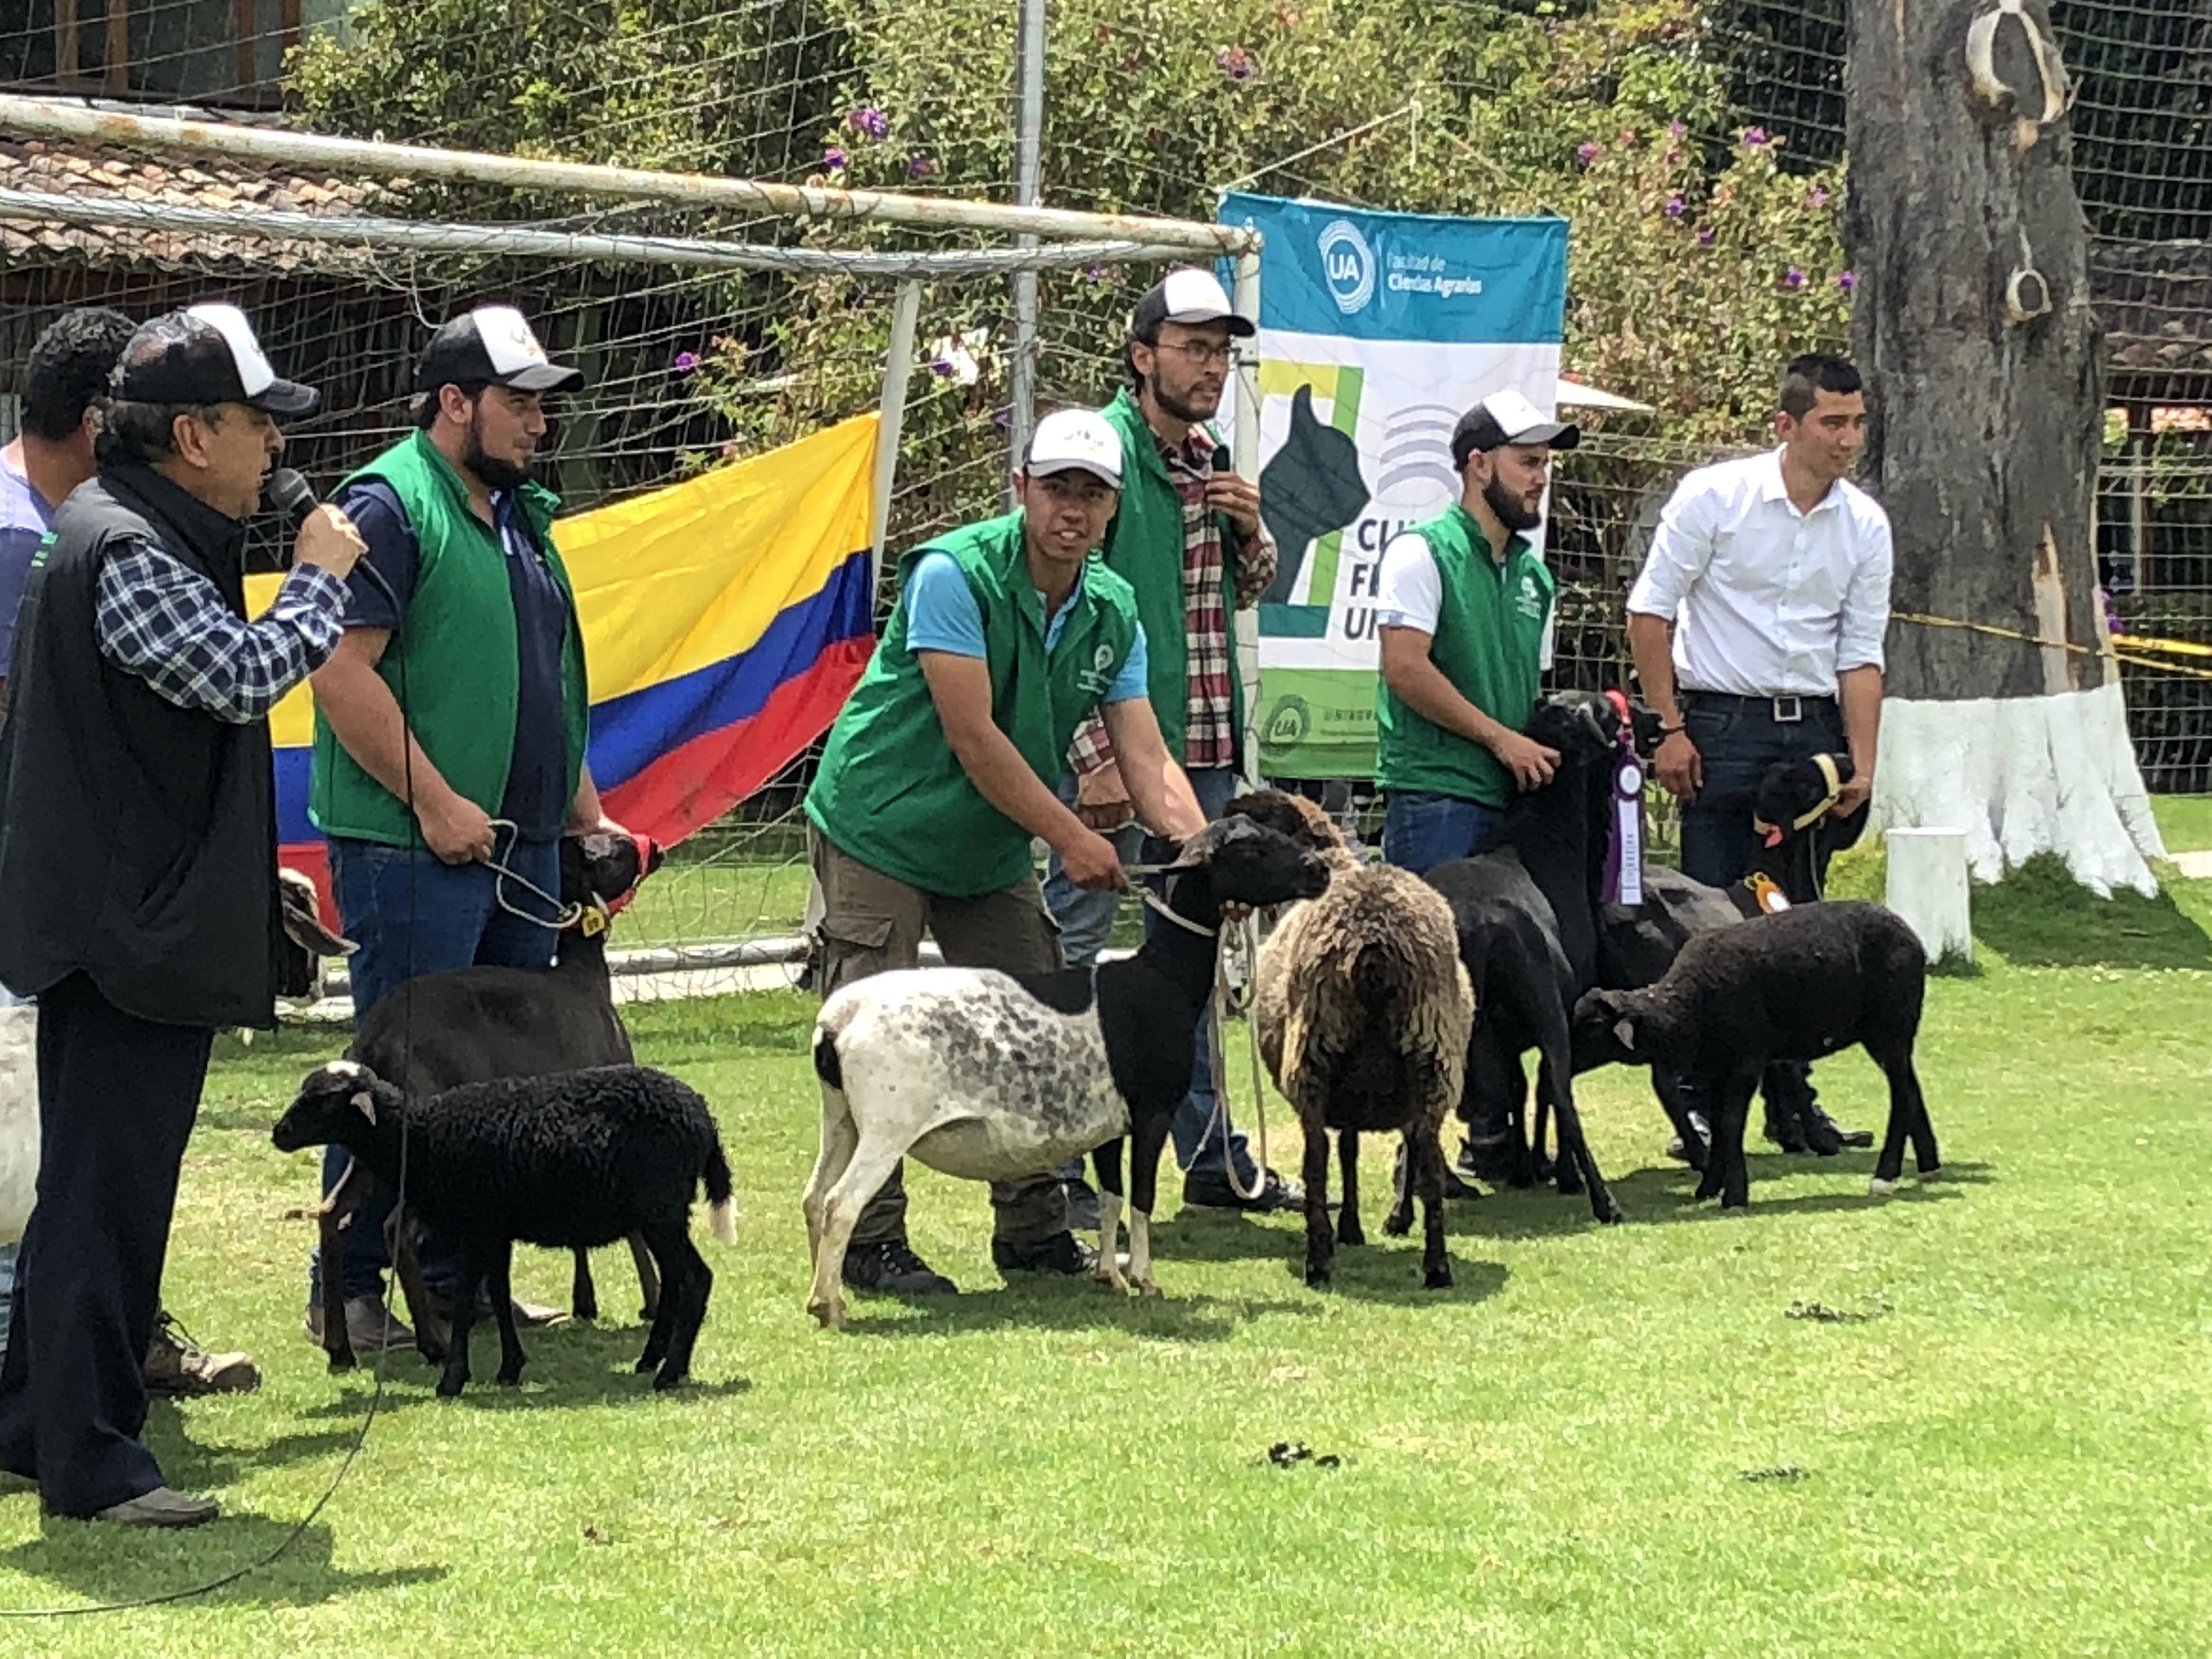 Espectaculares actividades en la Semana del Zootecnista Uniagrarista